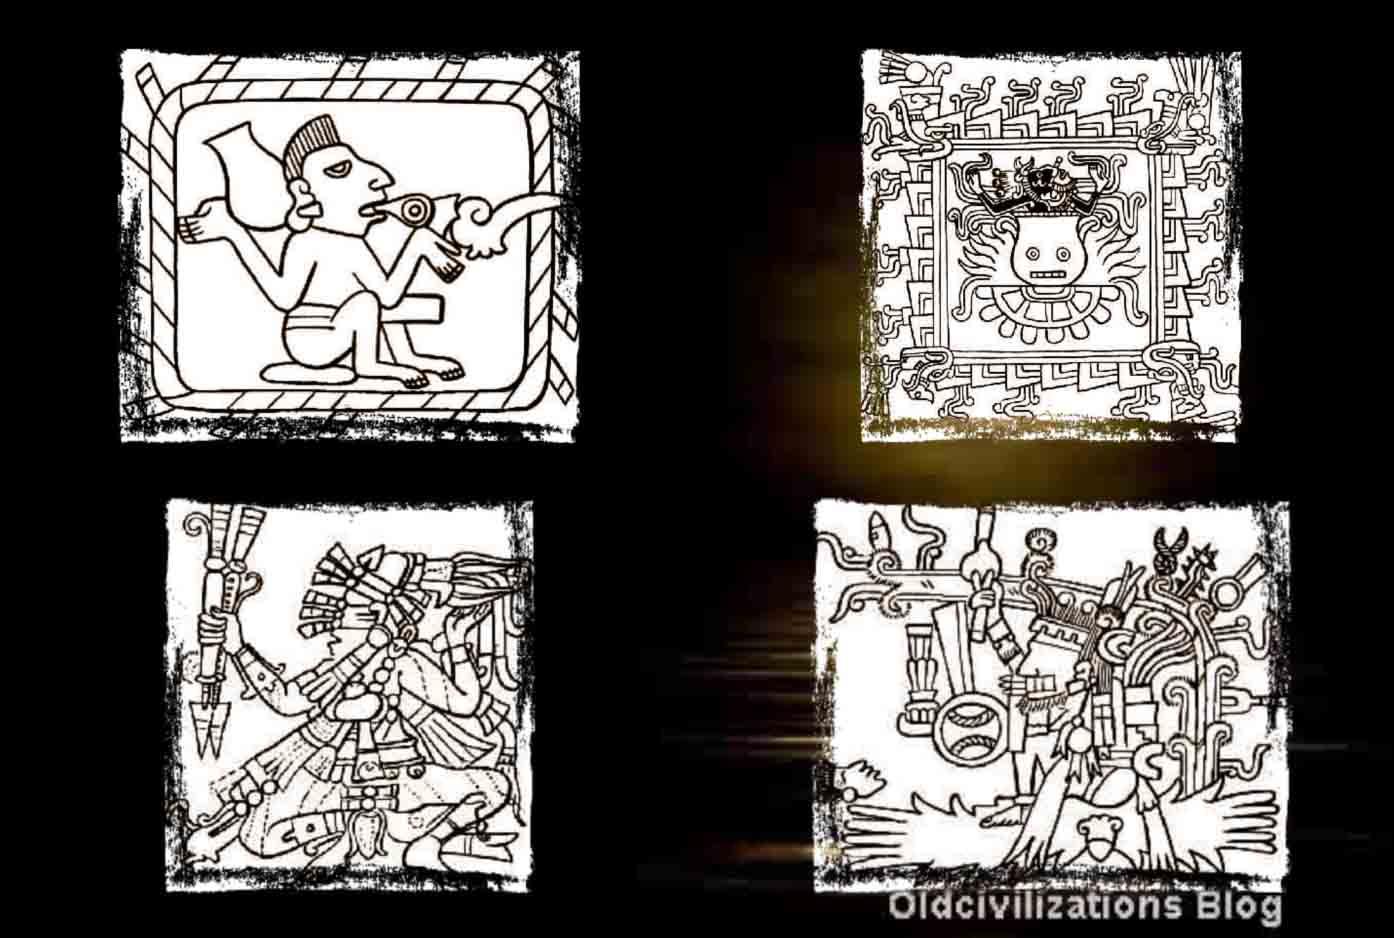 fa2cf551f7 La extraña relación de Quetzalcoatl con el planeta Venus «  Oldcivilizations's Blog